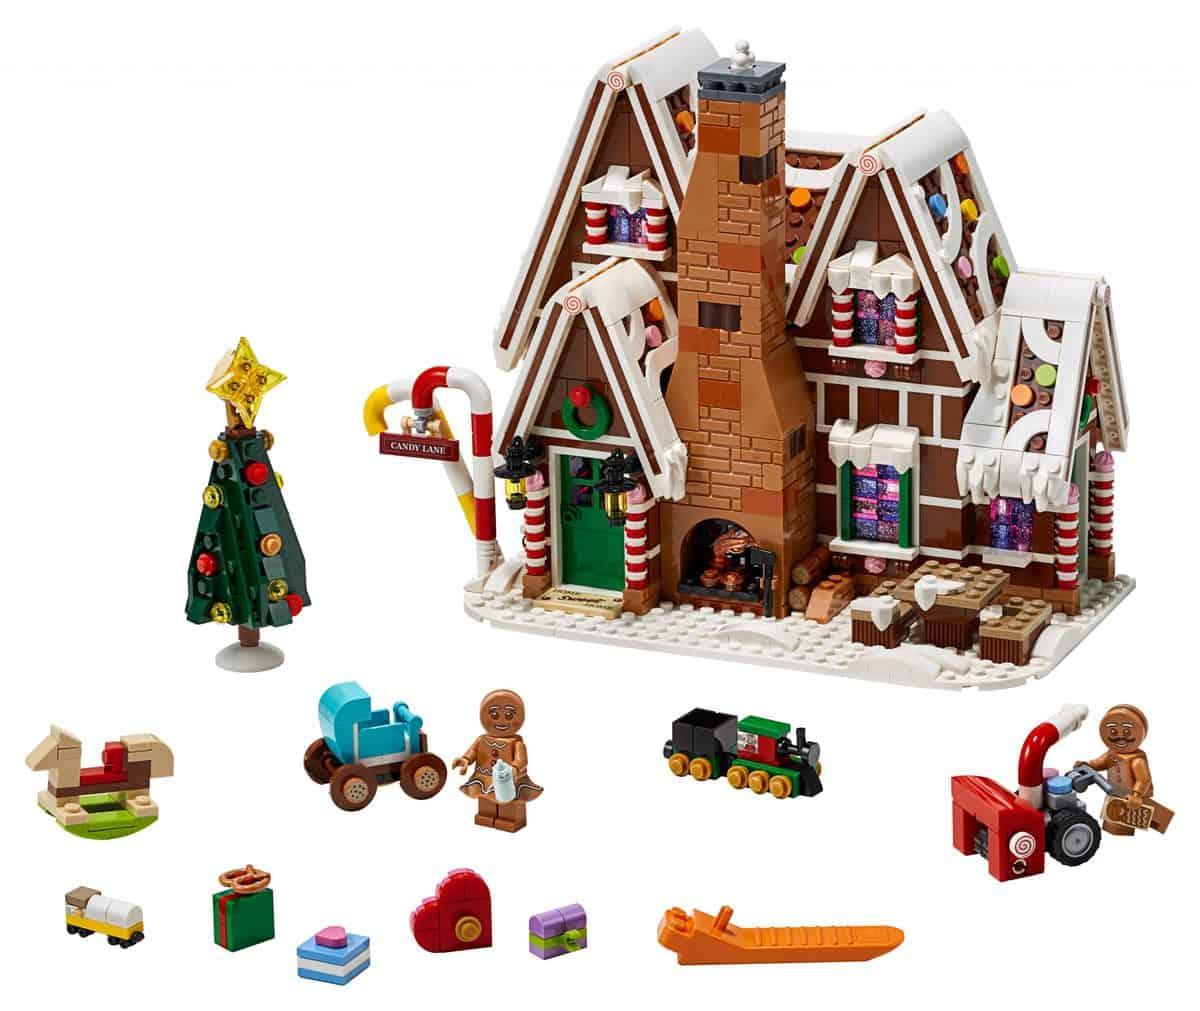 lego peperkoekhuisje 10267 scaled